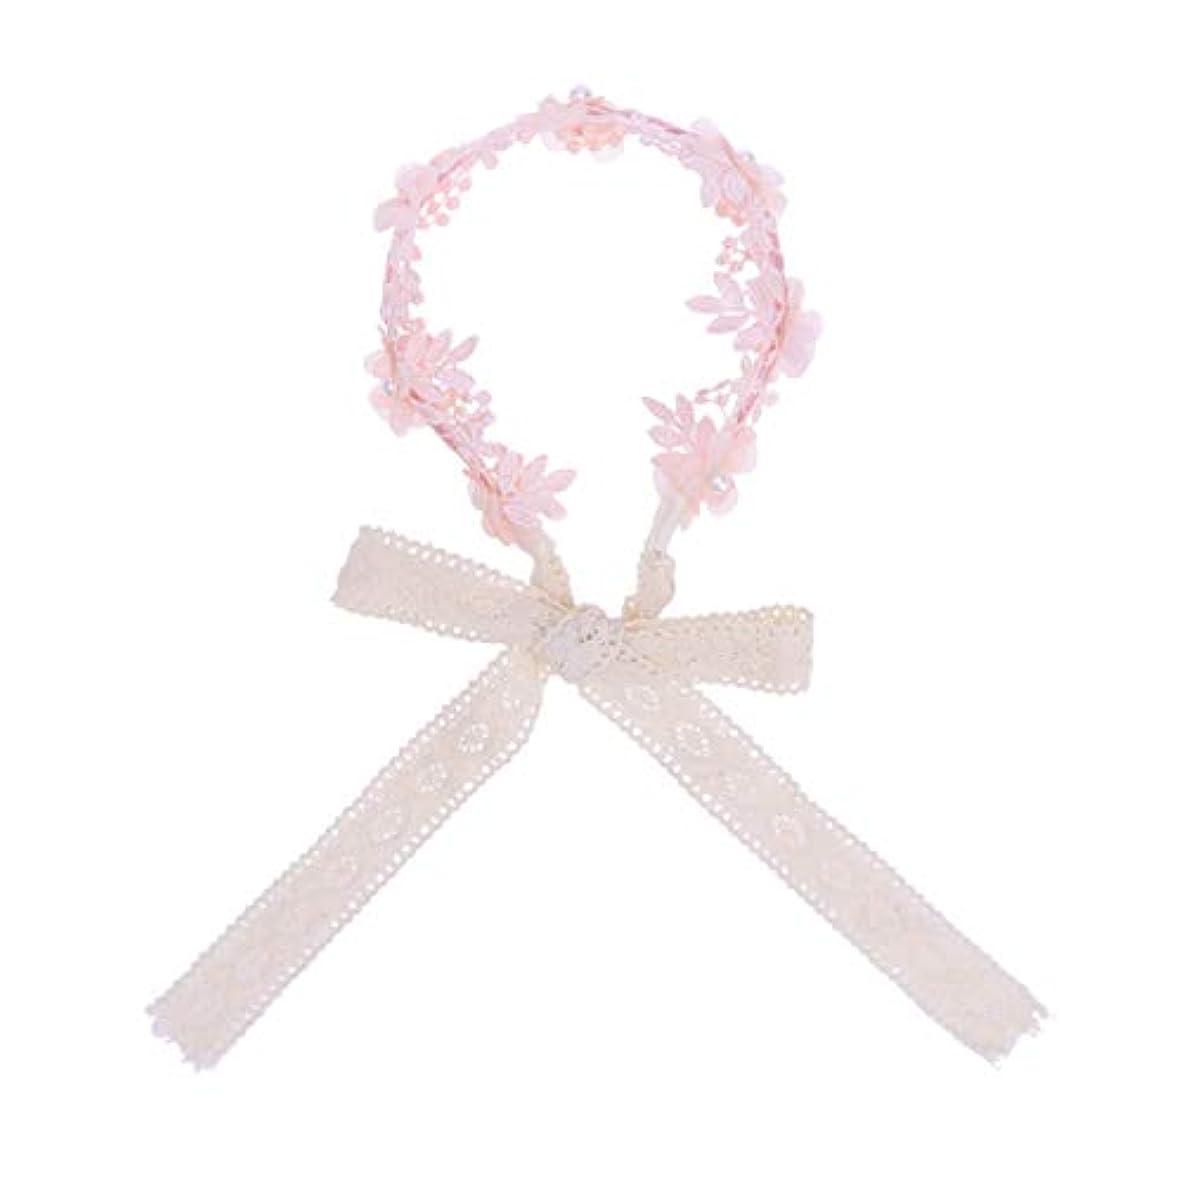 褐色中傷ブリードLurrose 女の子ヘアフープアクセサリーヘアバンドリボン帽子小道具デコレーション(ピンク)